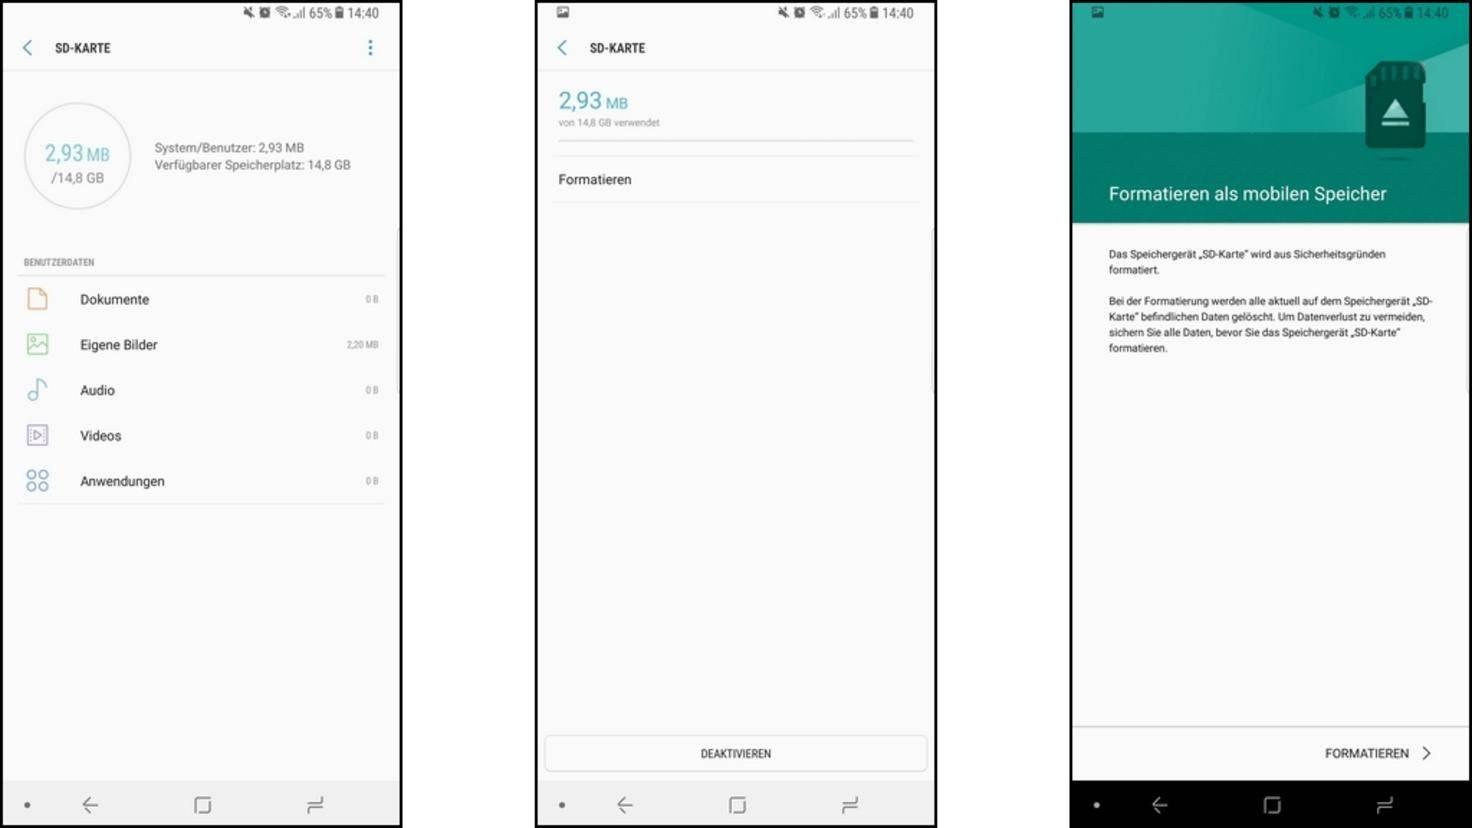 Android Apps Auf Sd Karte Verschieben Geht Nicht.Apps Auf Sd Karte Verschieben So Geht S Auf Galaxy S8 Note 8